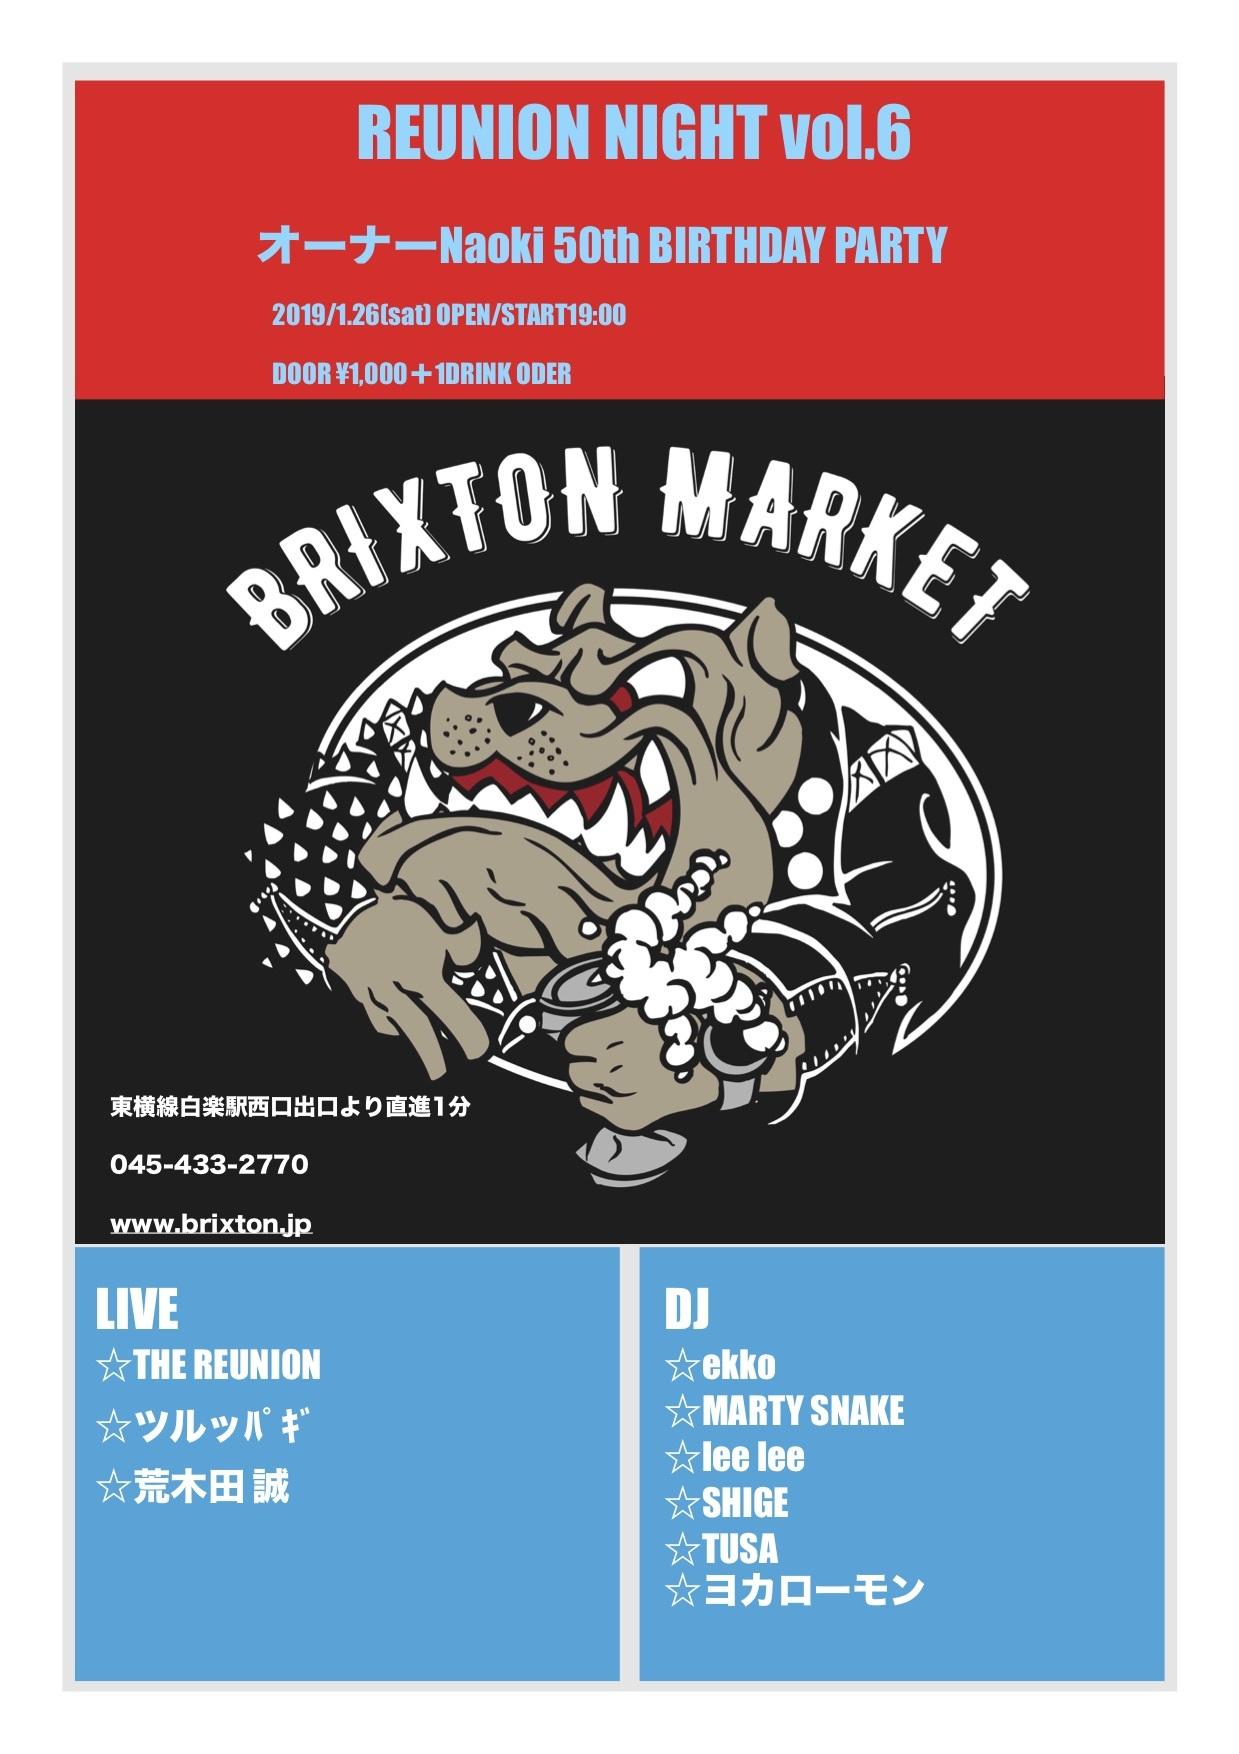 Brixton Market本日からはじまります!_d0134311_09413132.jpg